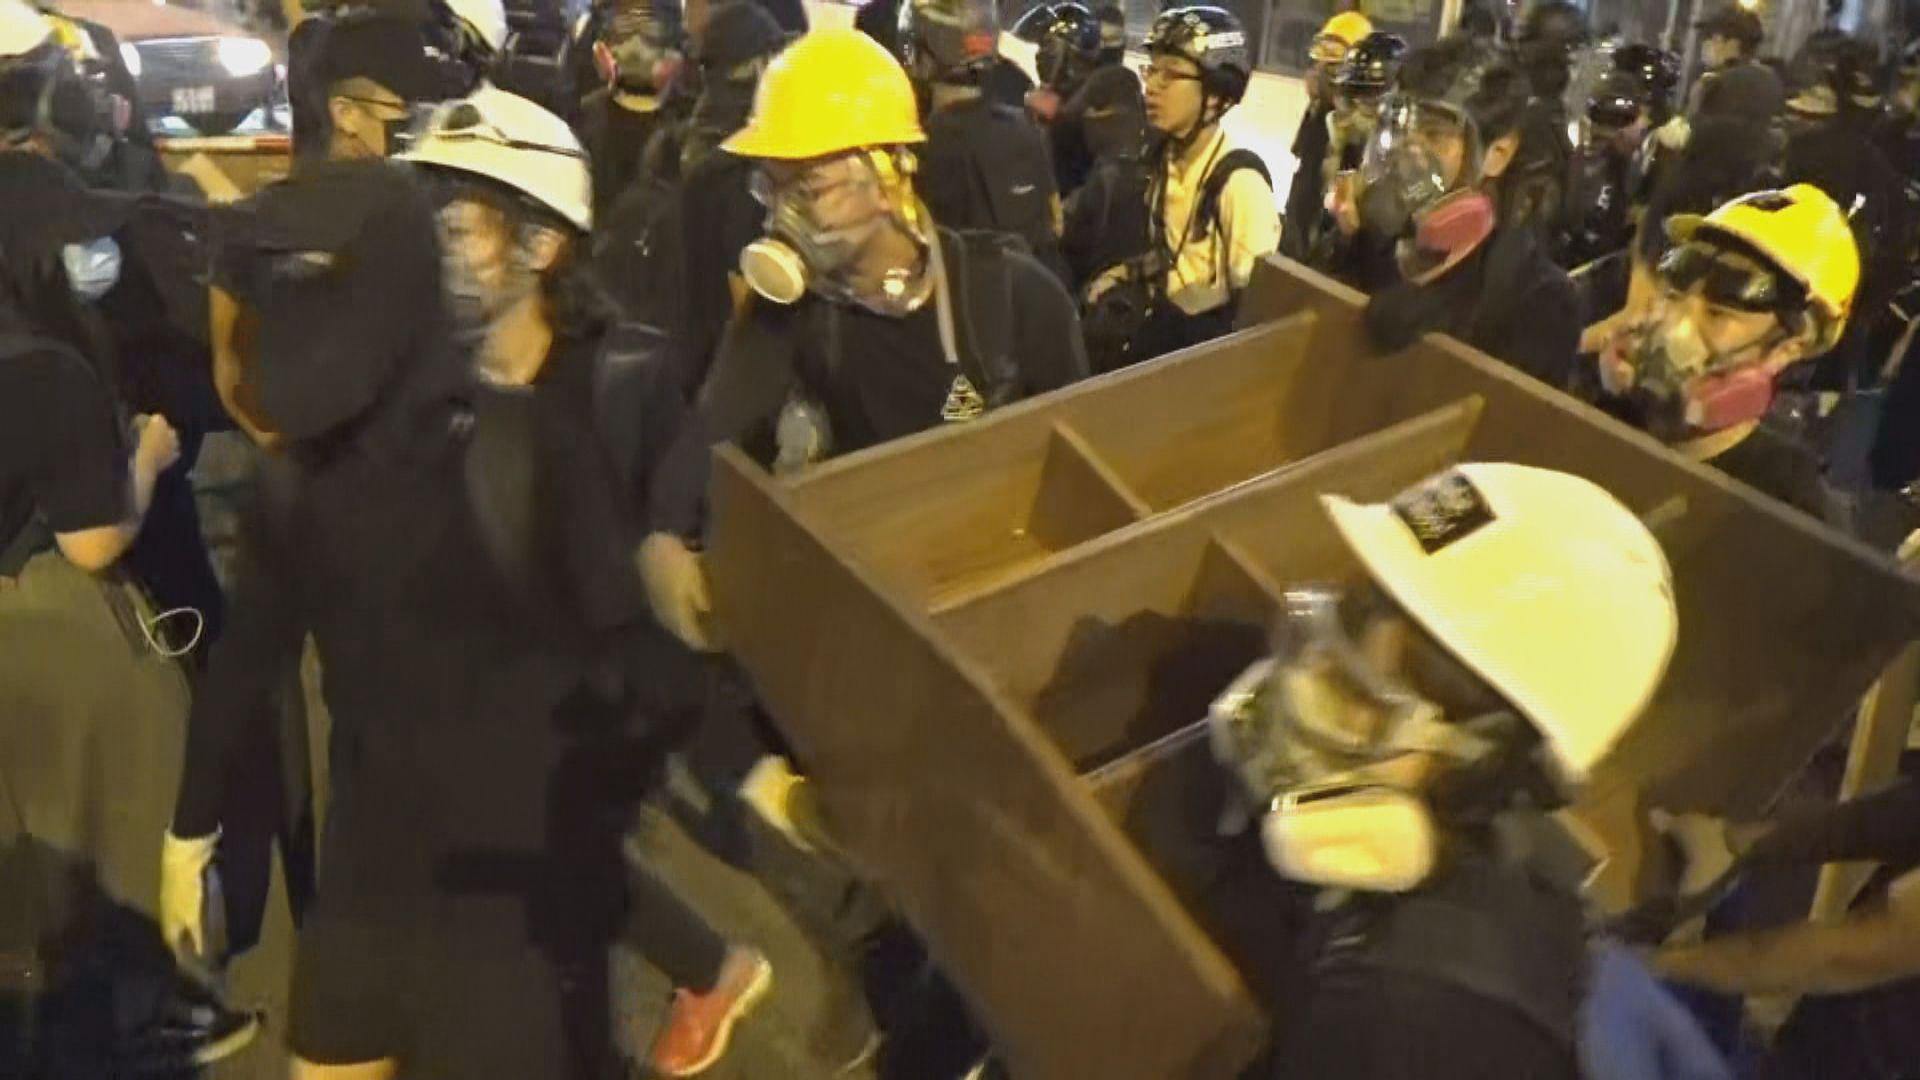 示威者入夜後到黃大仙 深水埗有人持菜刀要求示威者離開